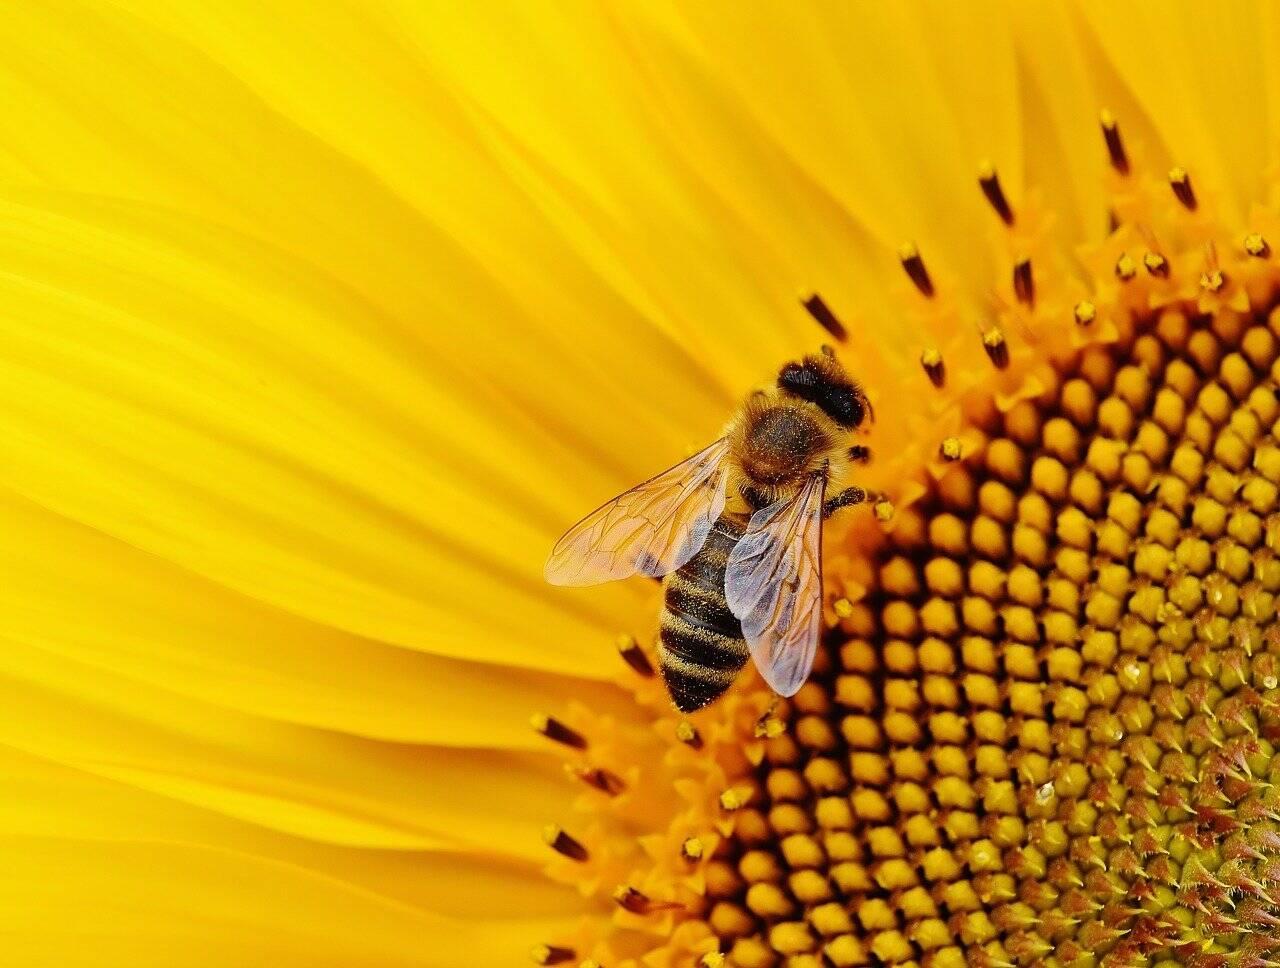 Já pensou em criar abelhas? Um curso mostra que isso é sopa no mel